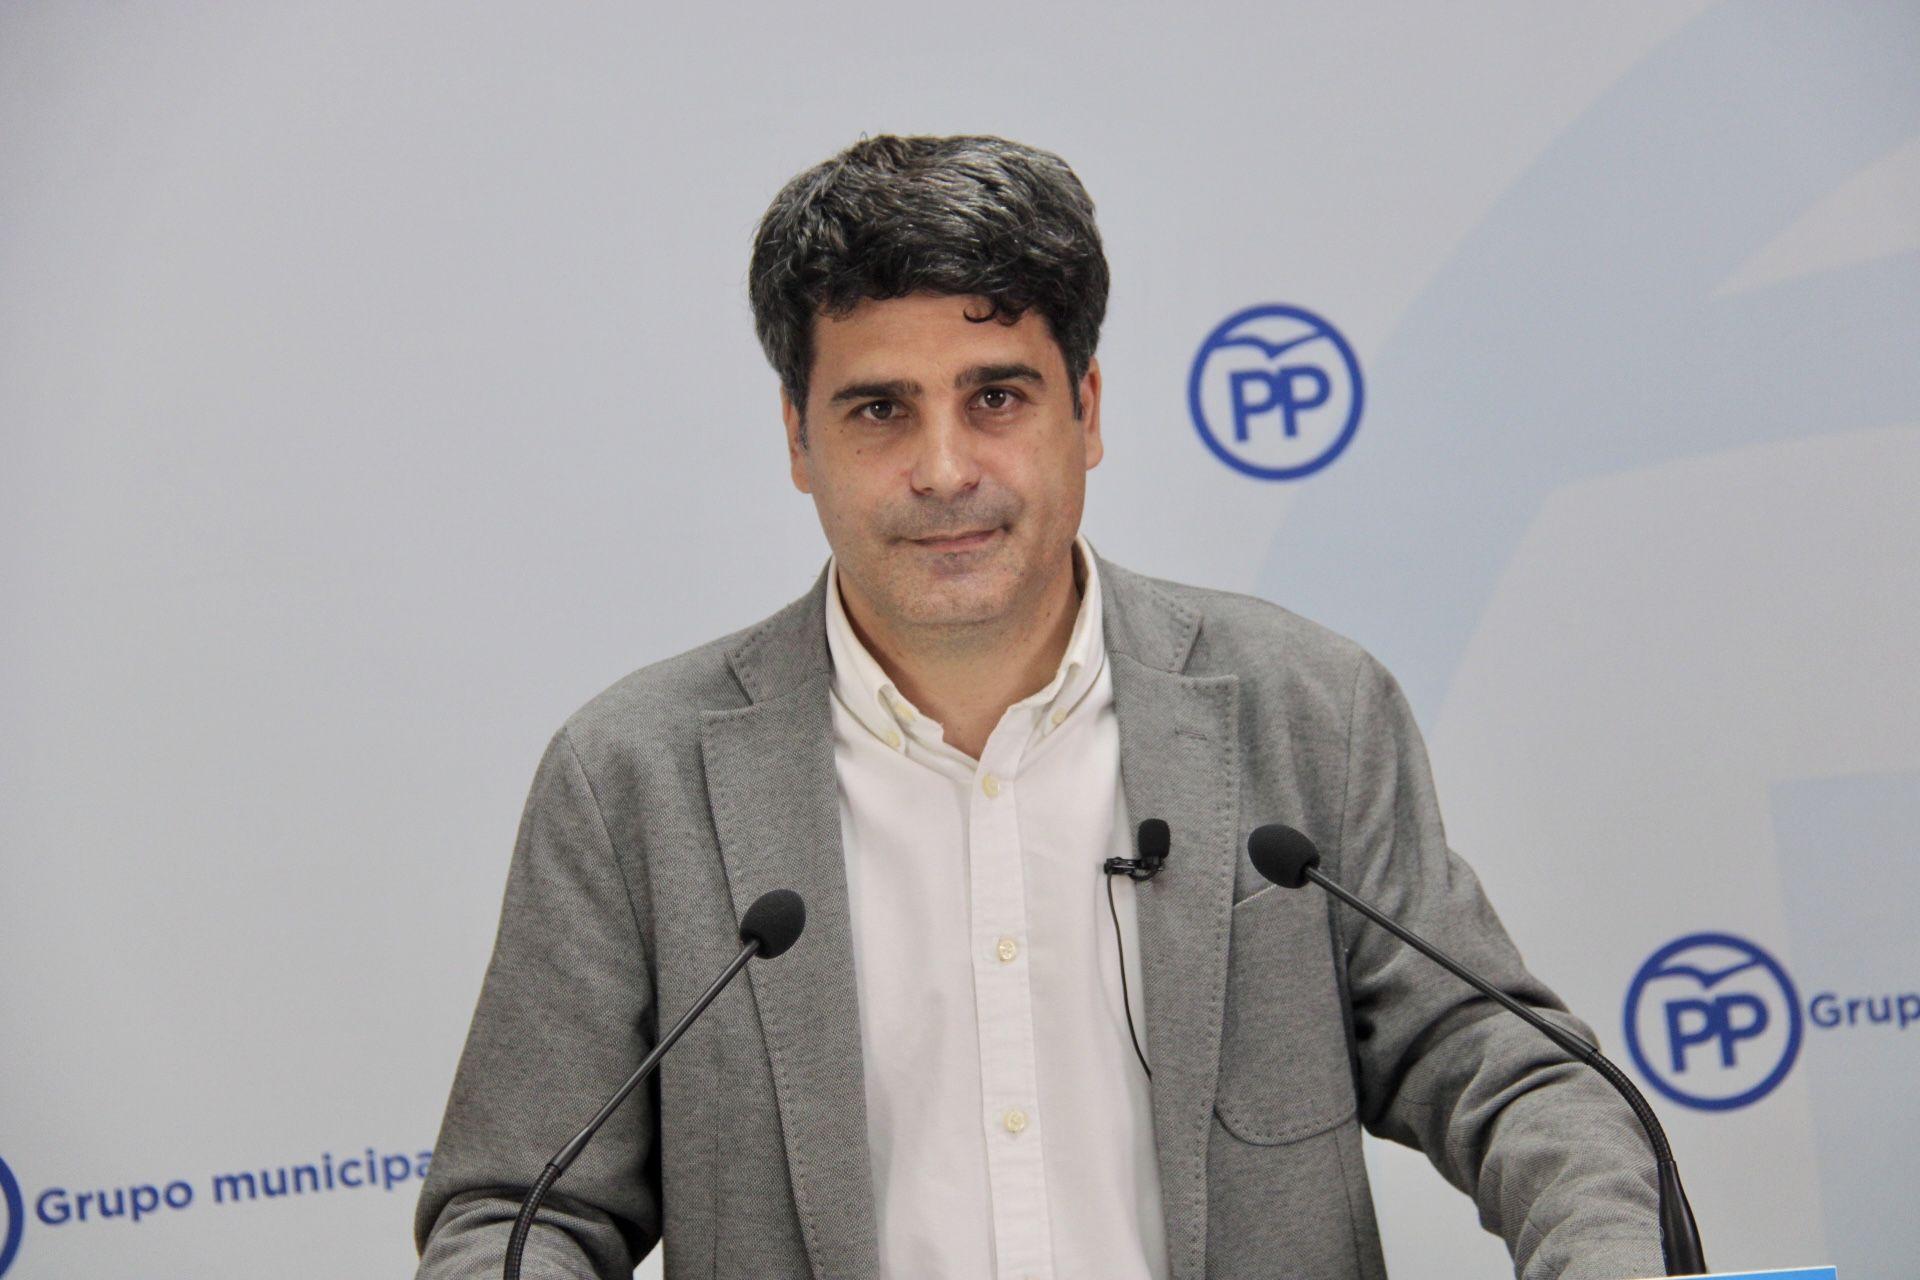 El PP acusa a Tolón de ocultar los problemas con el contrato de basuras y solicita que explique en Comisión las dudas planteadas por los técnicos